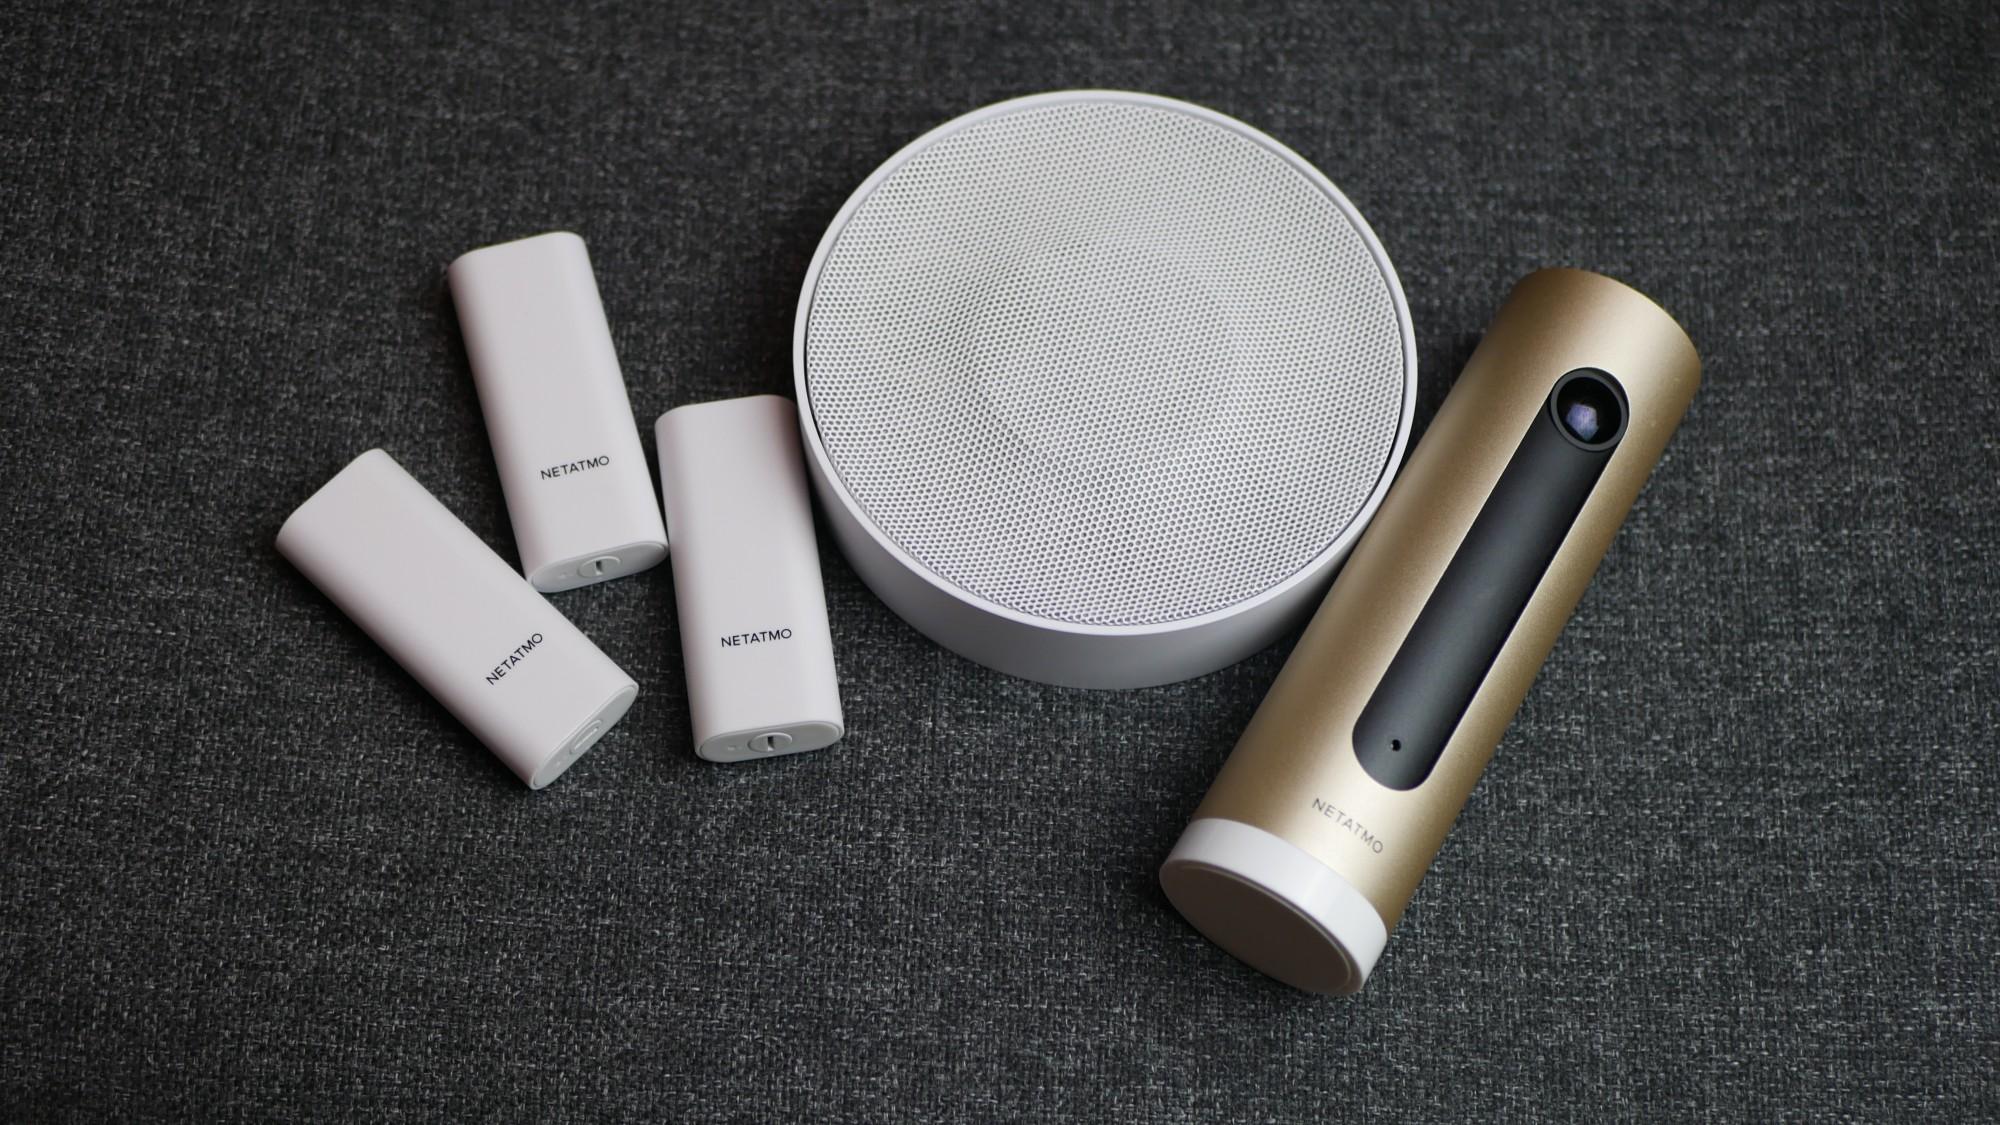 Inteligentny System Alarmowy z Kamerą Netatmo / fot. Kacper Żarski